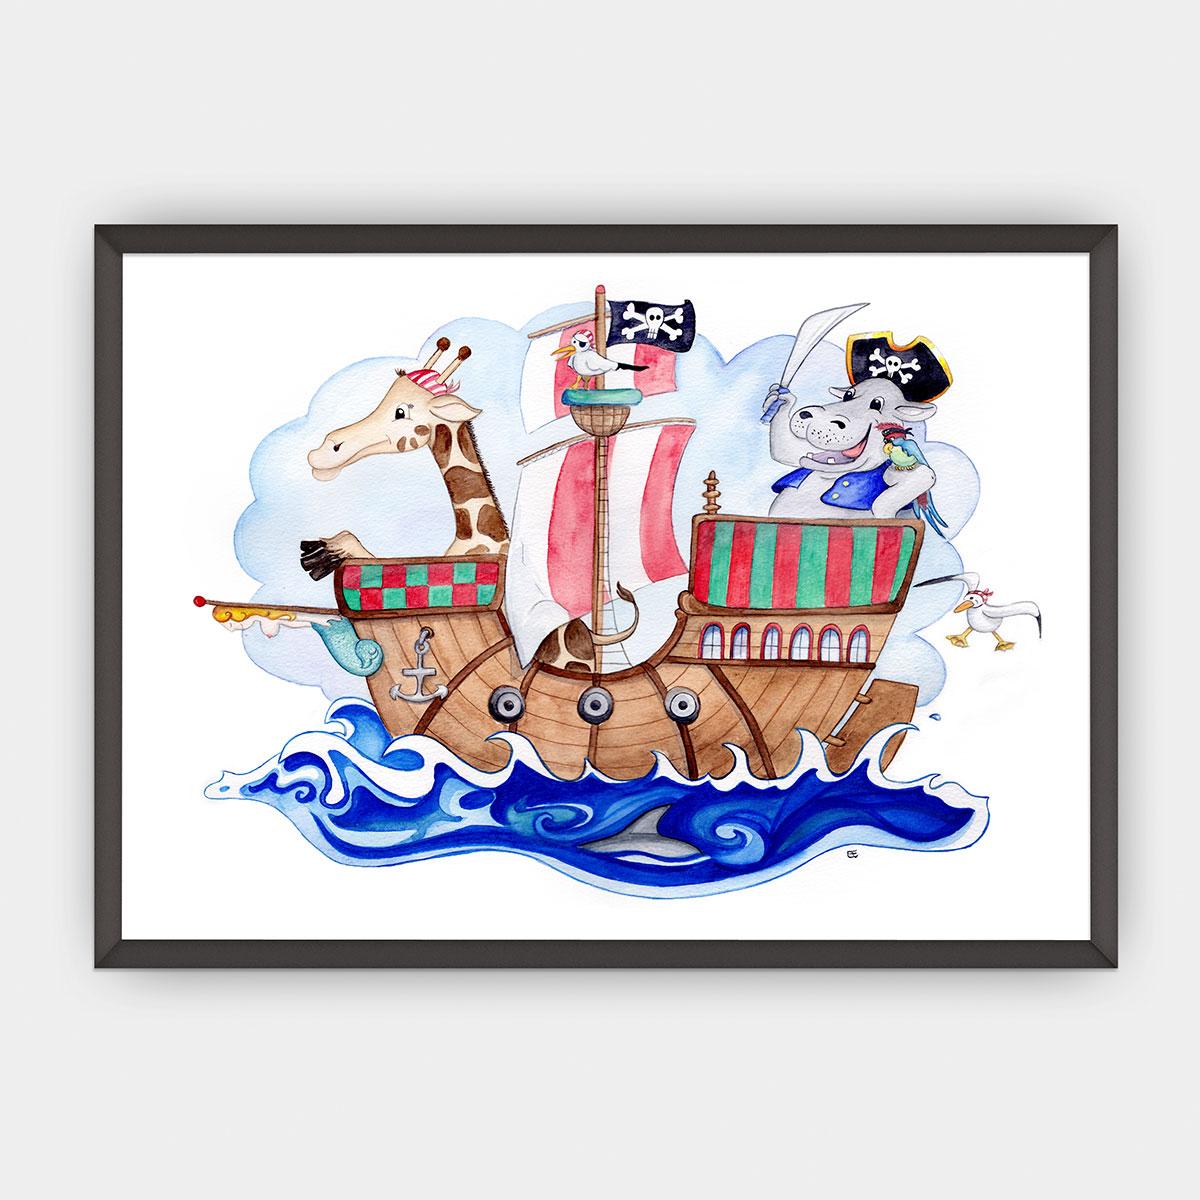 Art-og-flomme-skib-ivimedia